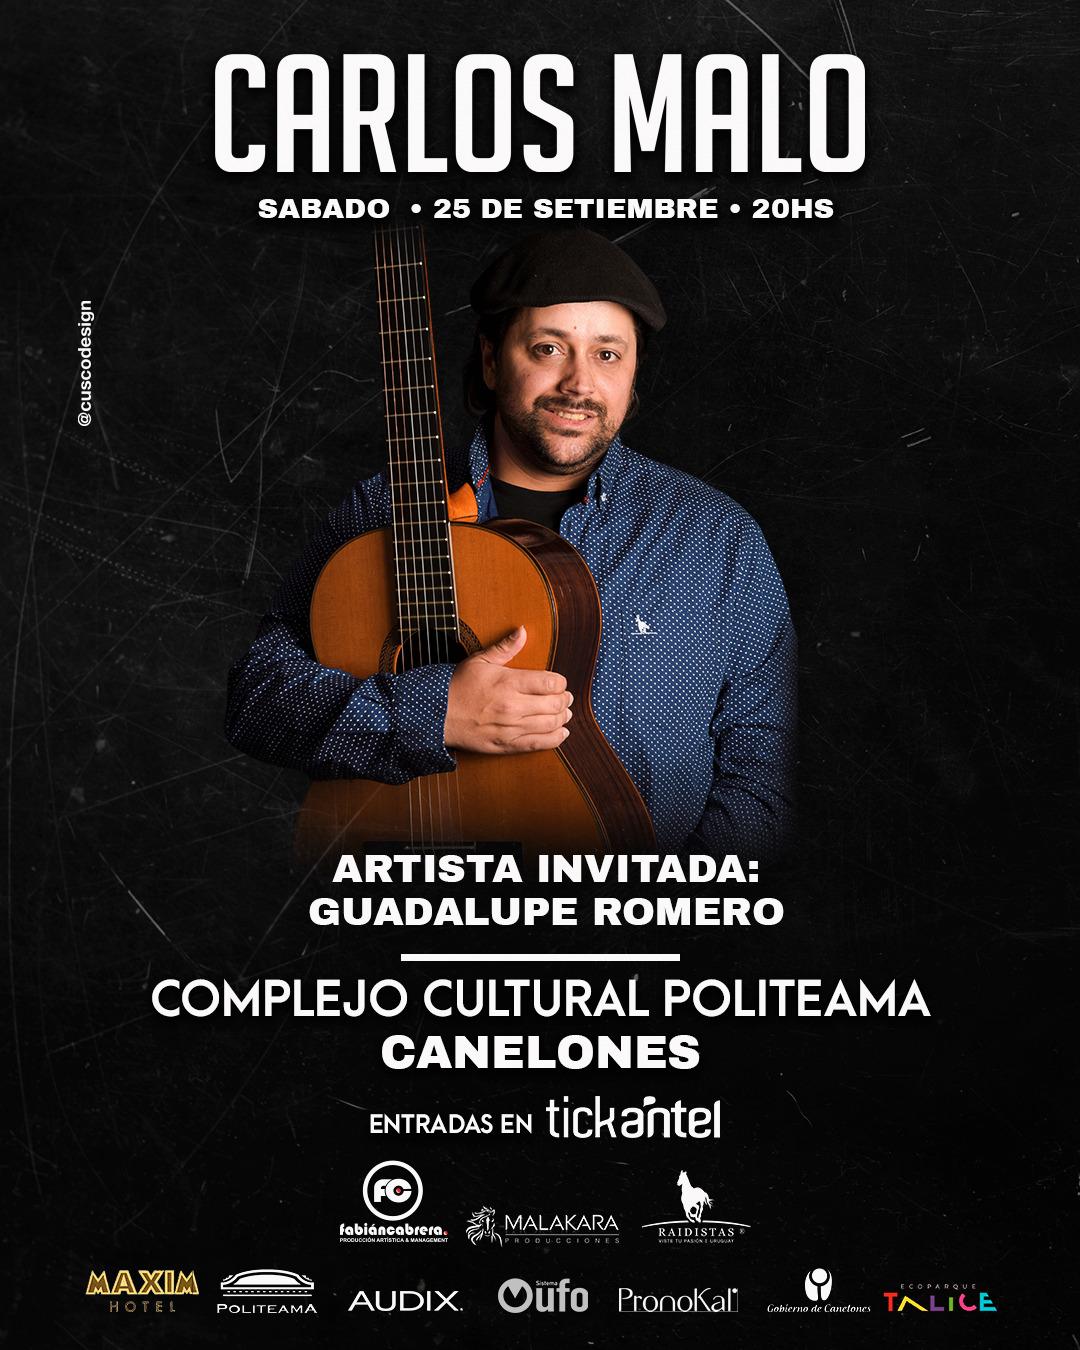 Carlos Malo se presenta en el Politeama